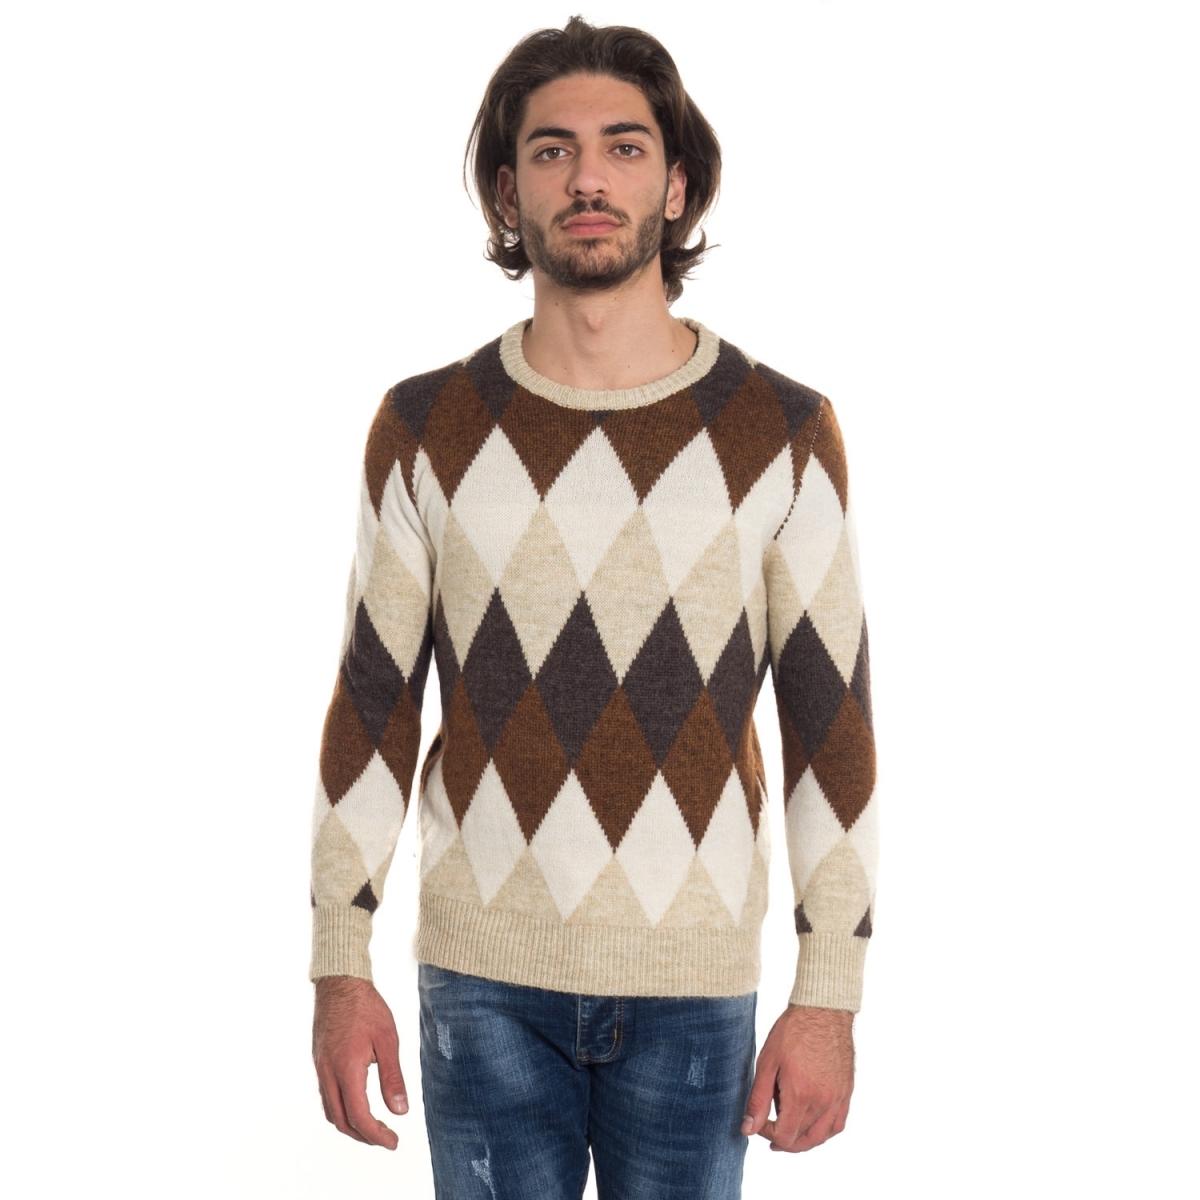 vêtements Tricots homme LPL319 MARRONE Cafedelmar Shop